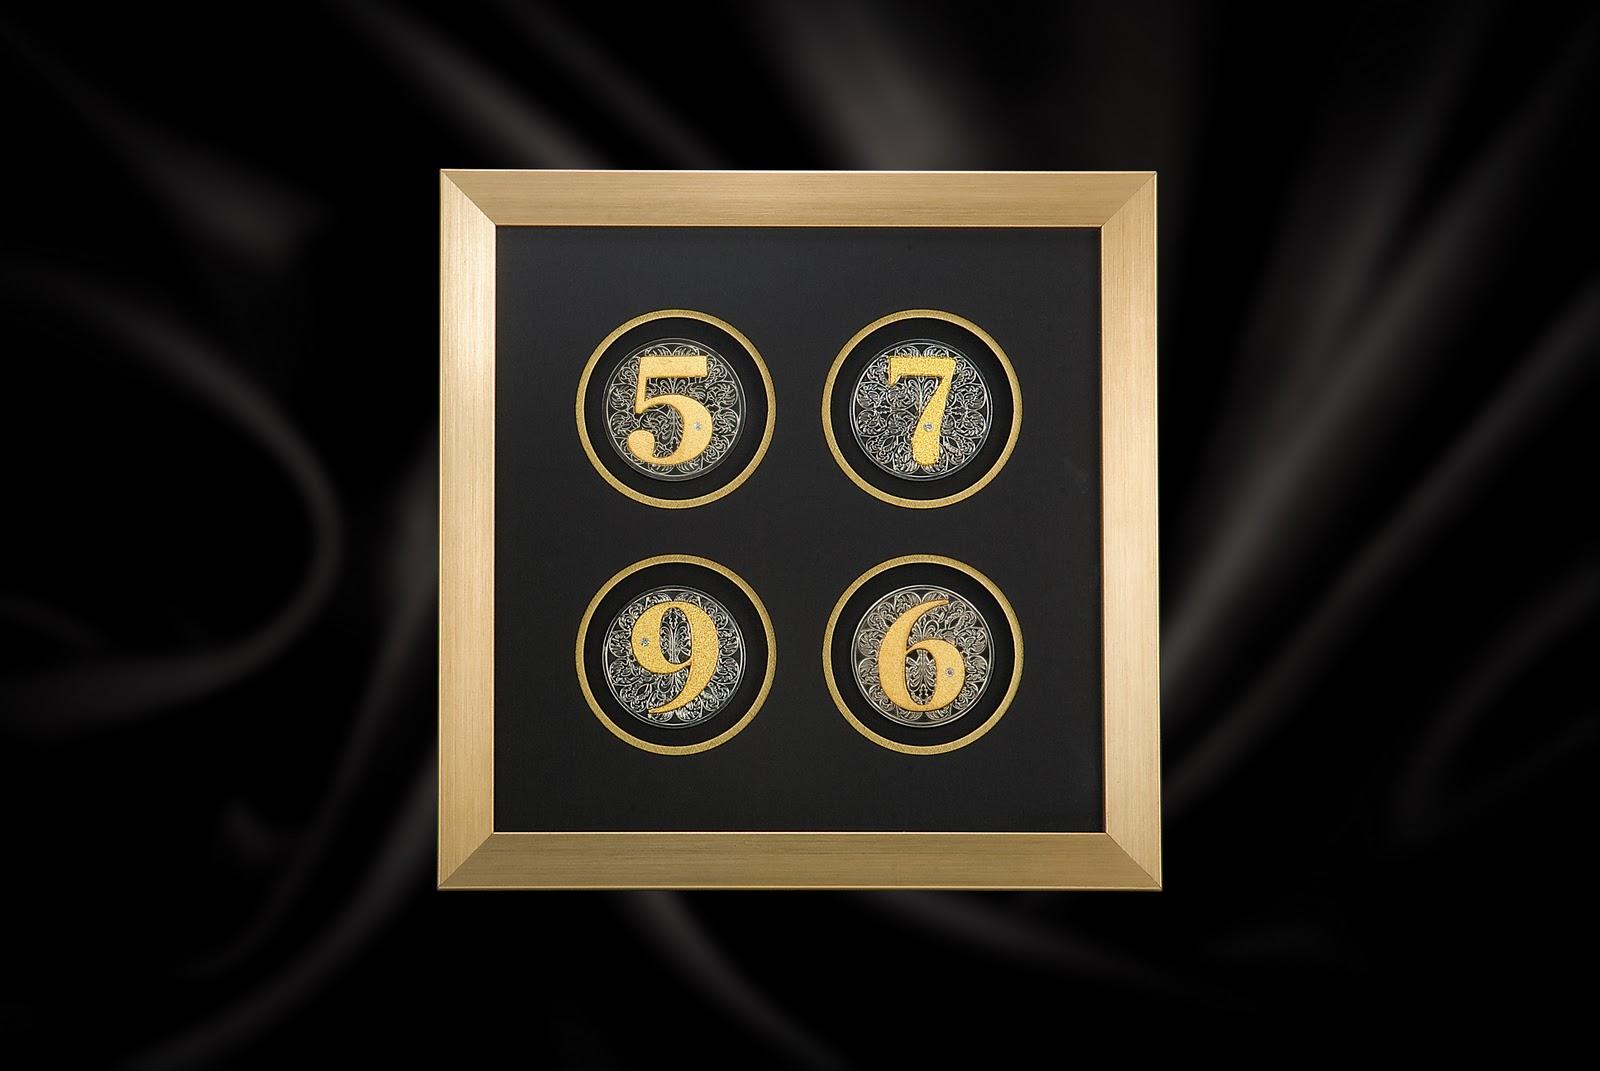 Number astrology image 3